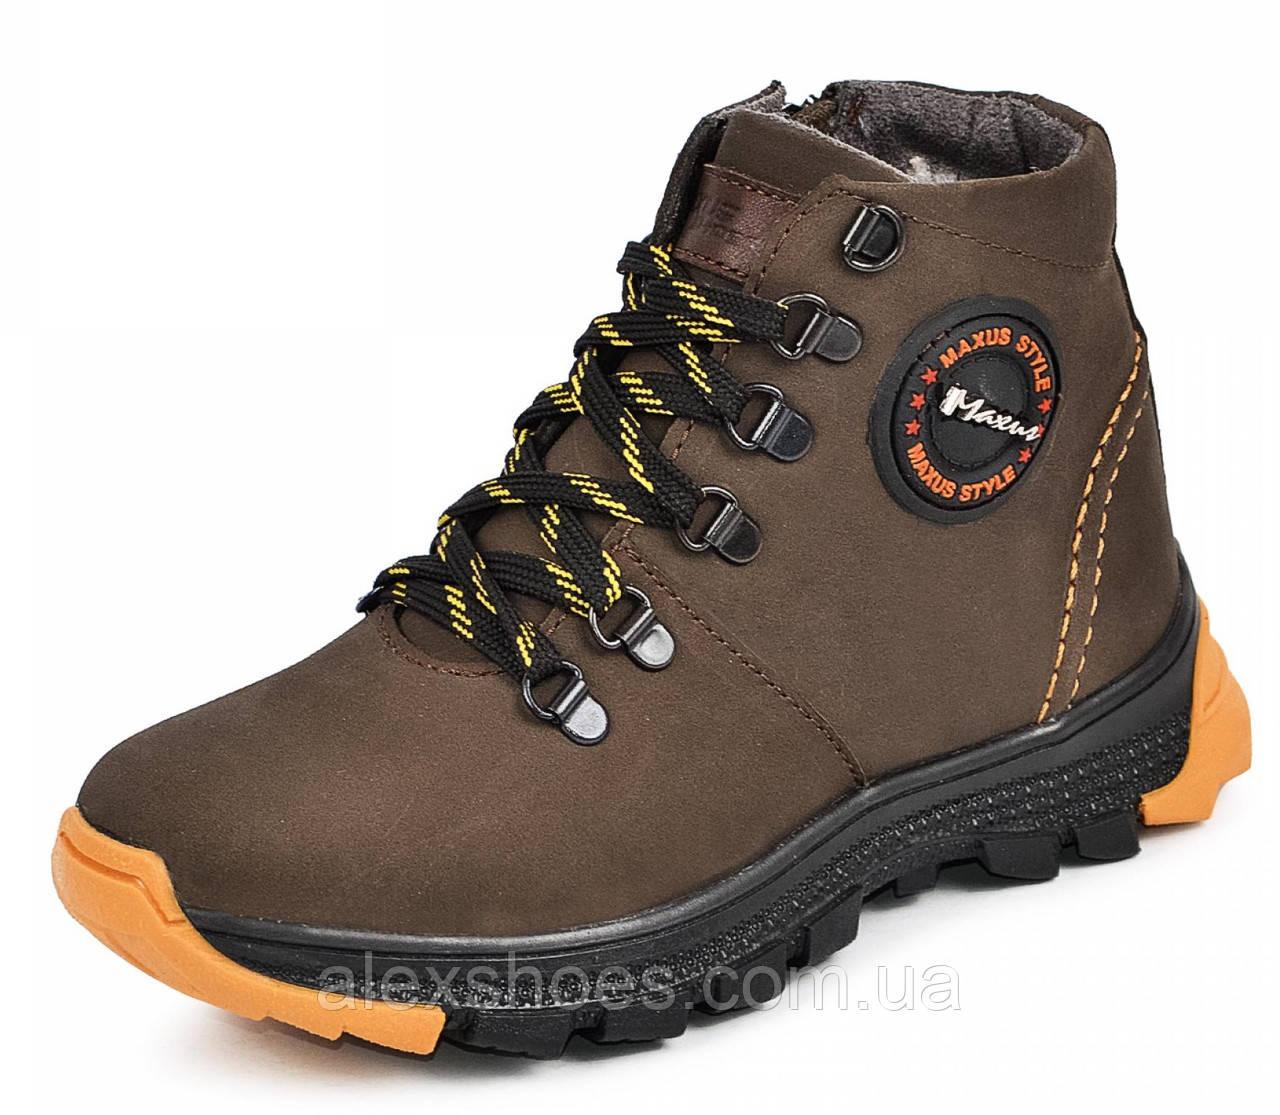 Ботинки подростковые из натуральной кожи от производителя модель МАК927